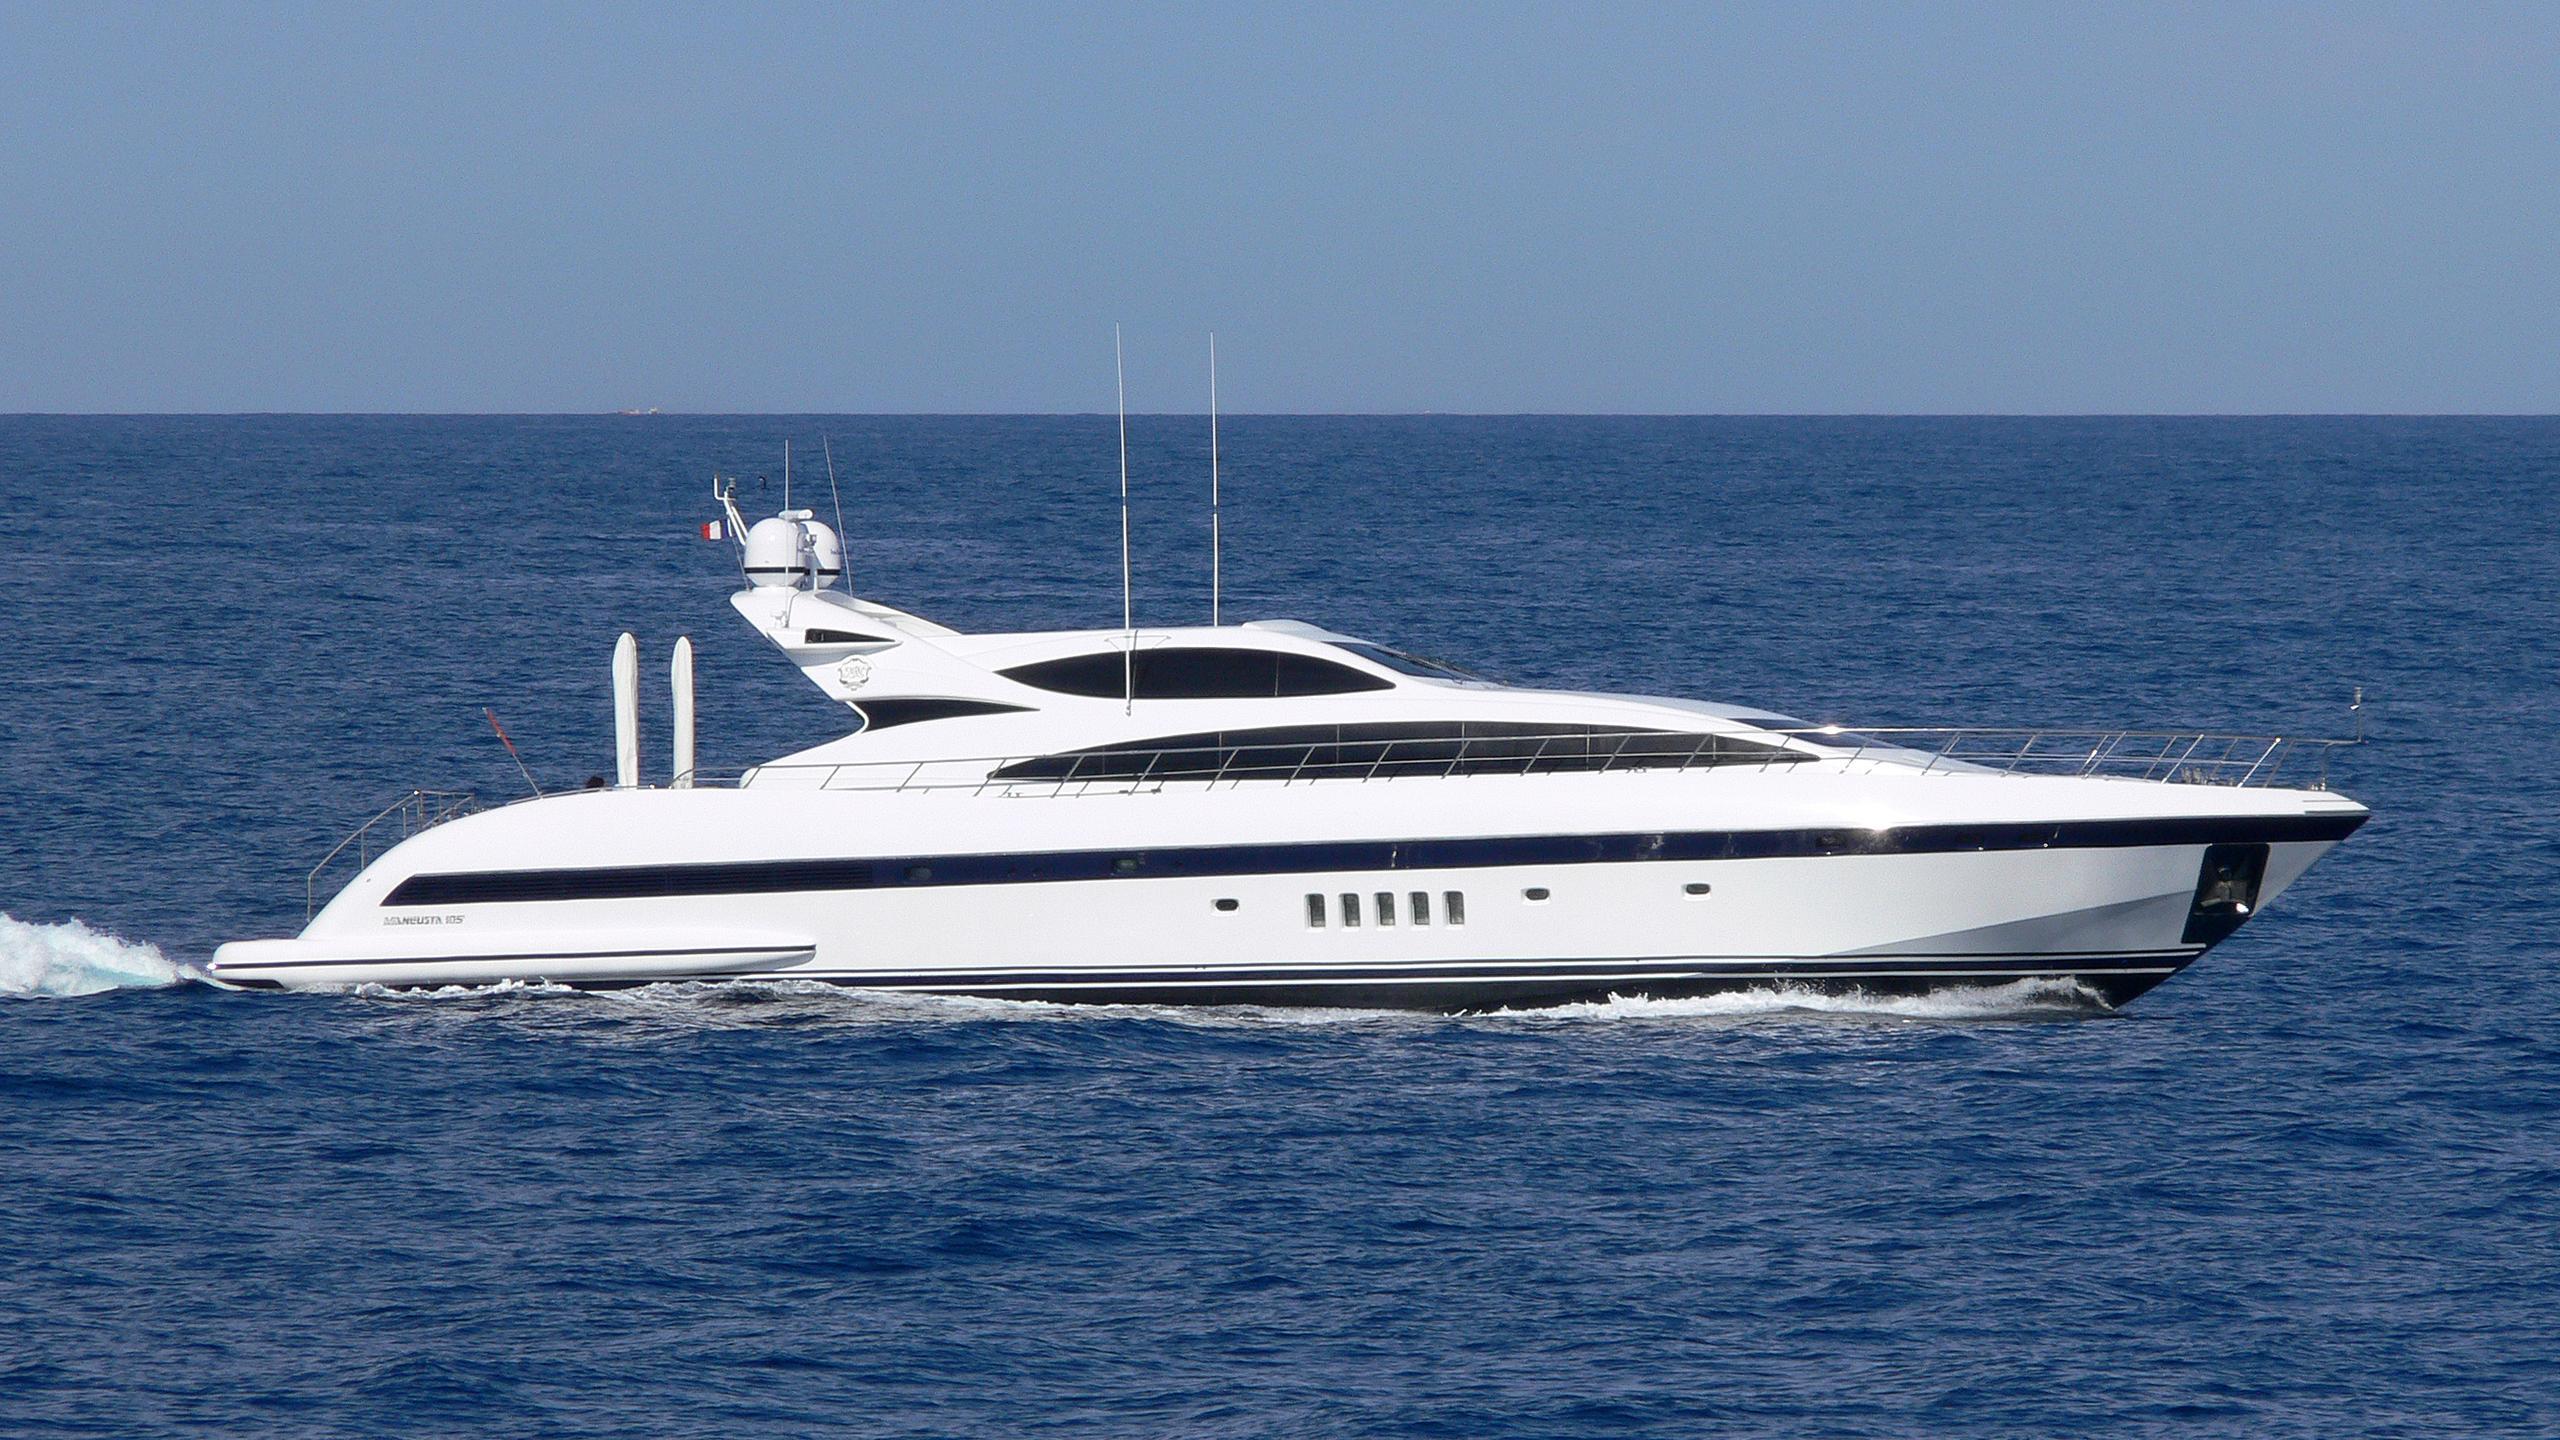 serenada-motor-yacht-overmarine-mangusta-105-2005-31m-profile